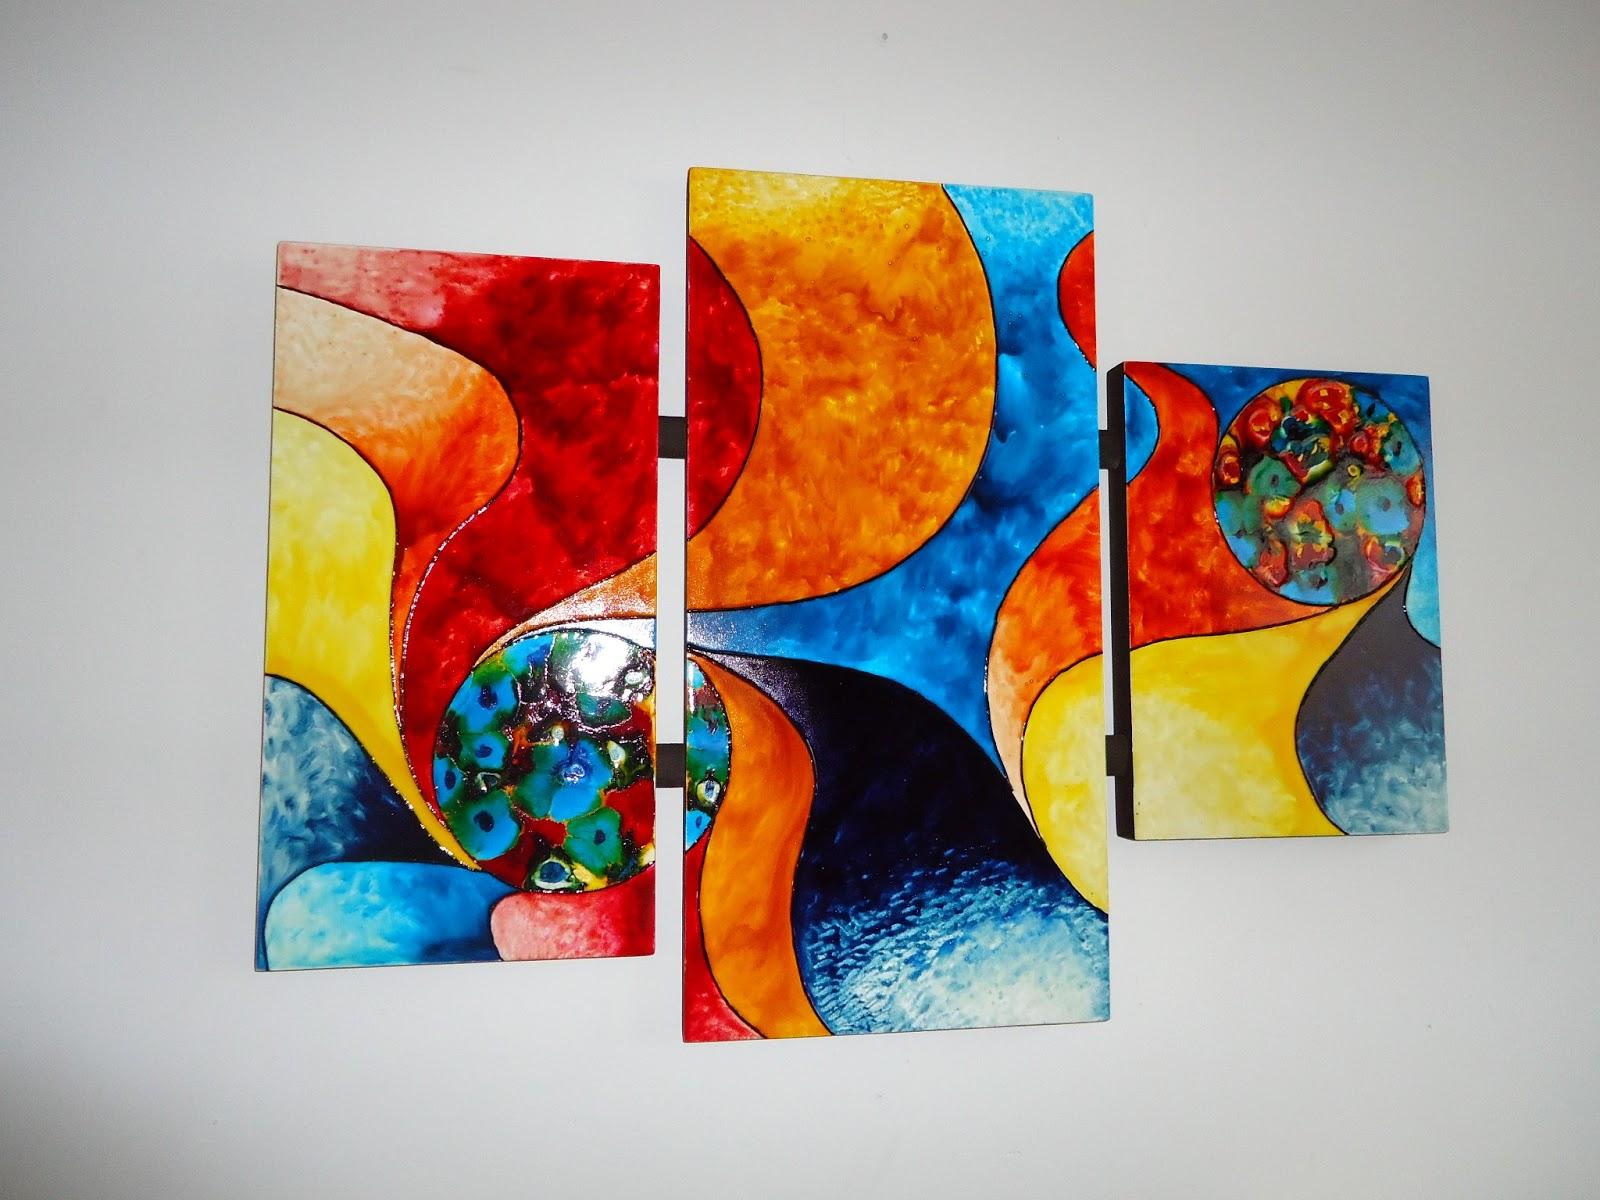 Artes y manualidades cuadros abstractos for Imagenes de cuadros abstractos rusticos